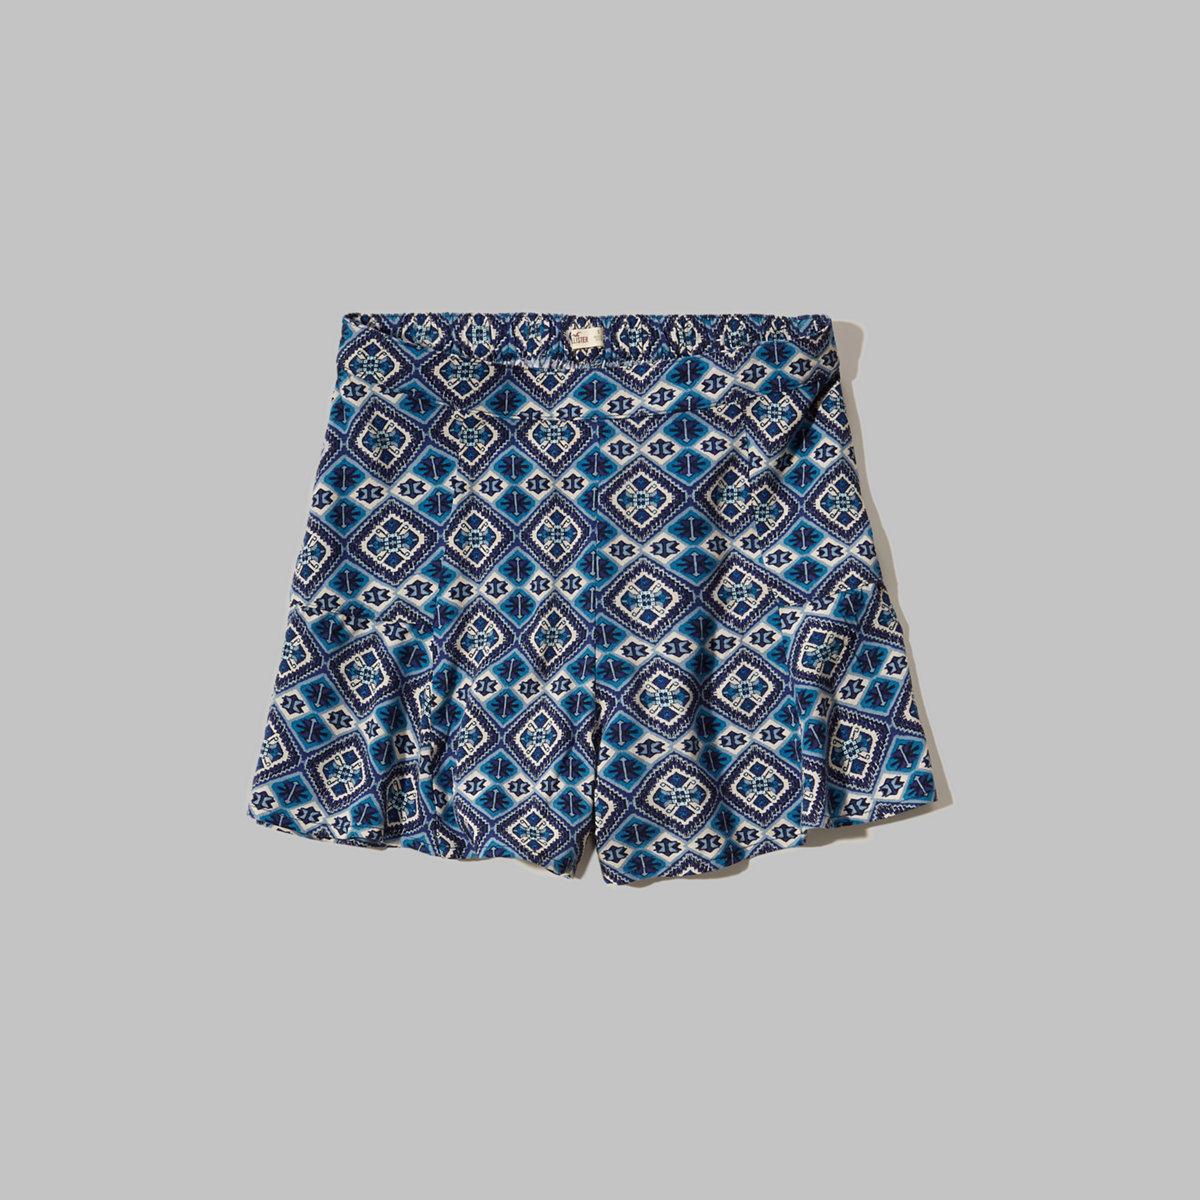 Printed High Waist Culotte Shorts